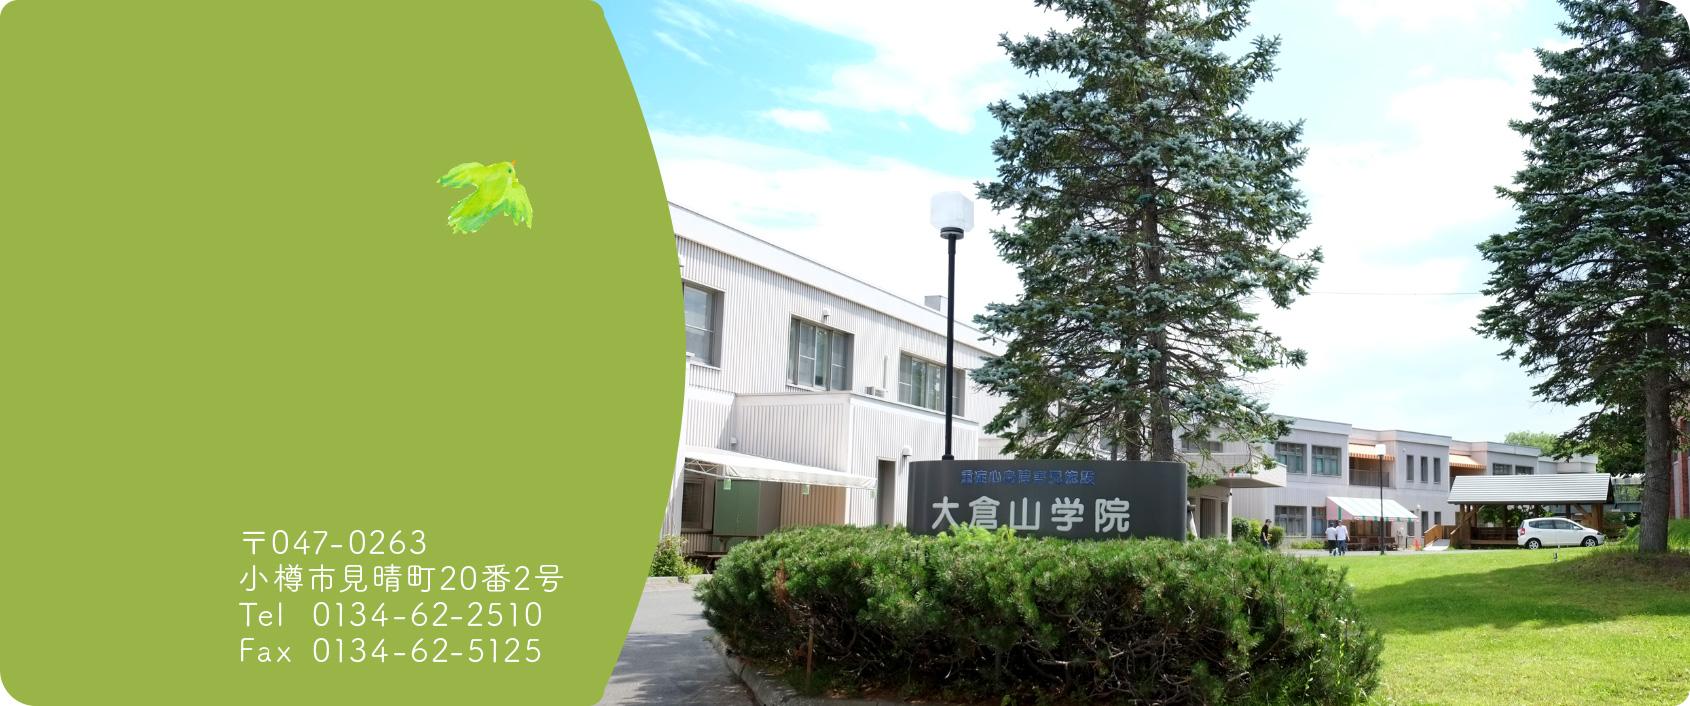 社会福祉法人 札幌緑花会 / 小樽市見晴町20番2号 大倉山学院